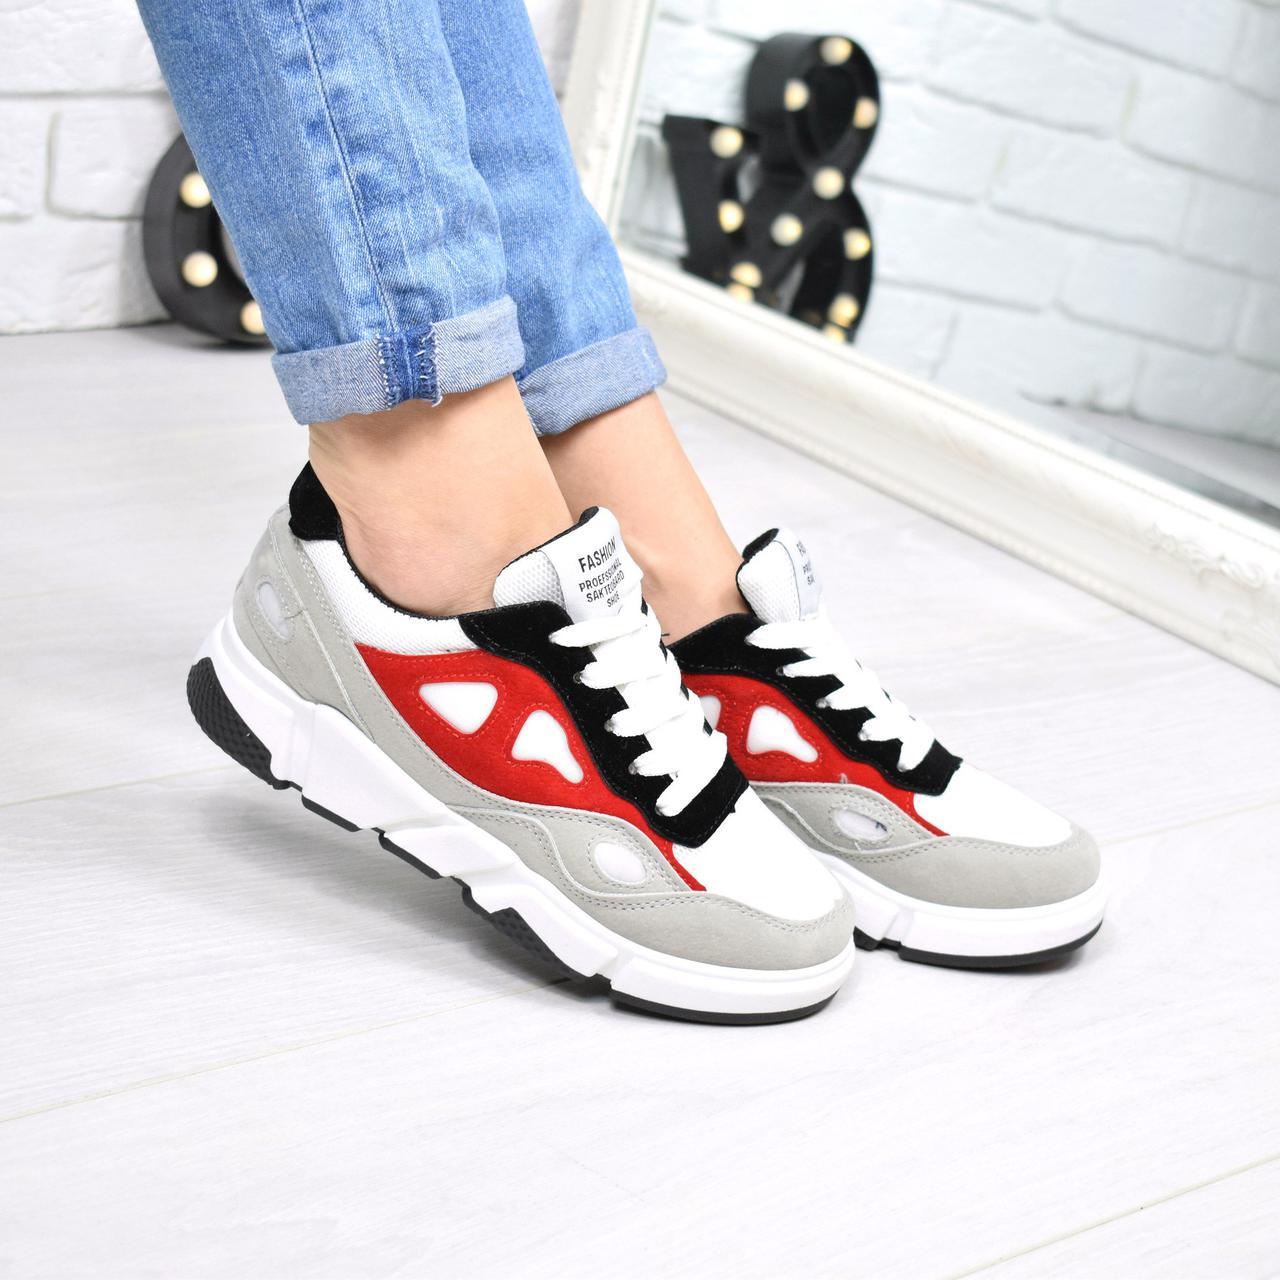 Купить Кроссовок женский Skaters серый + красный женскую обувь по ... eb7087df0a4